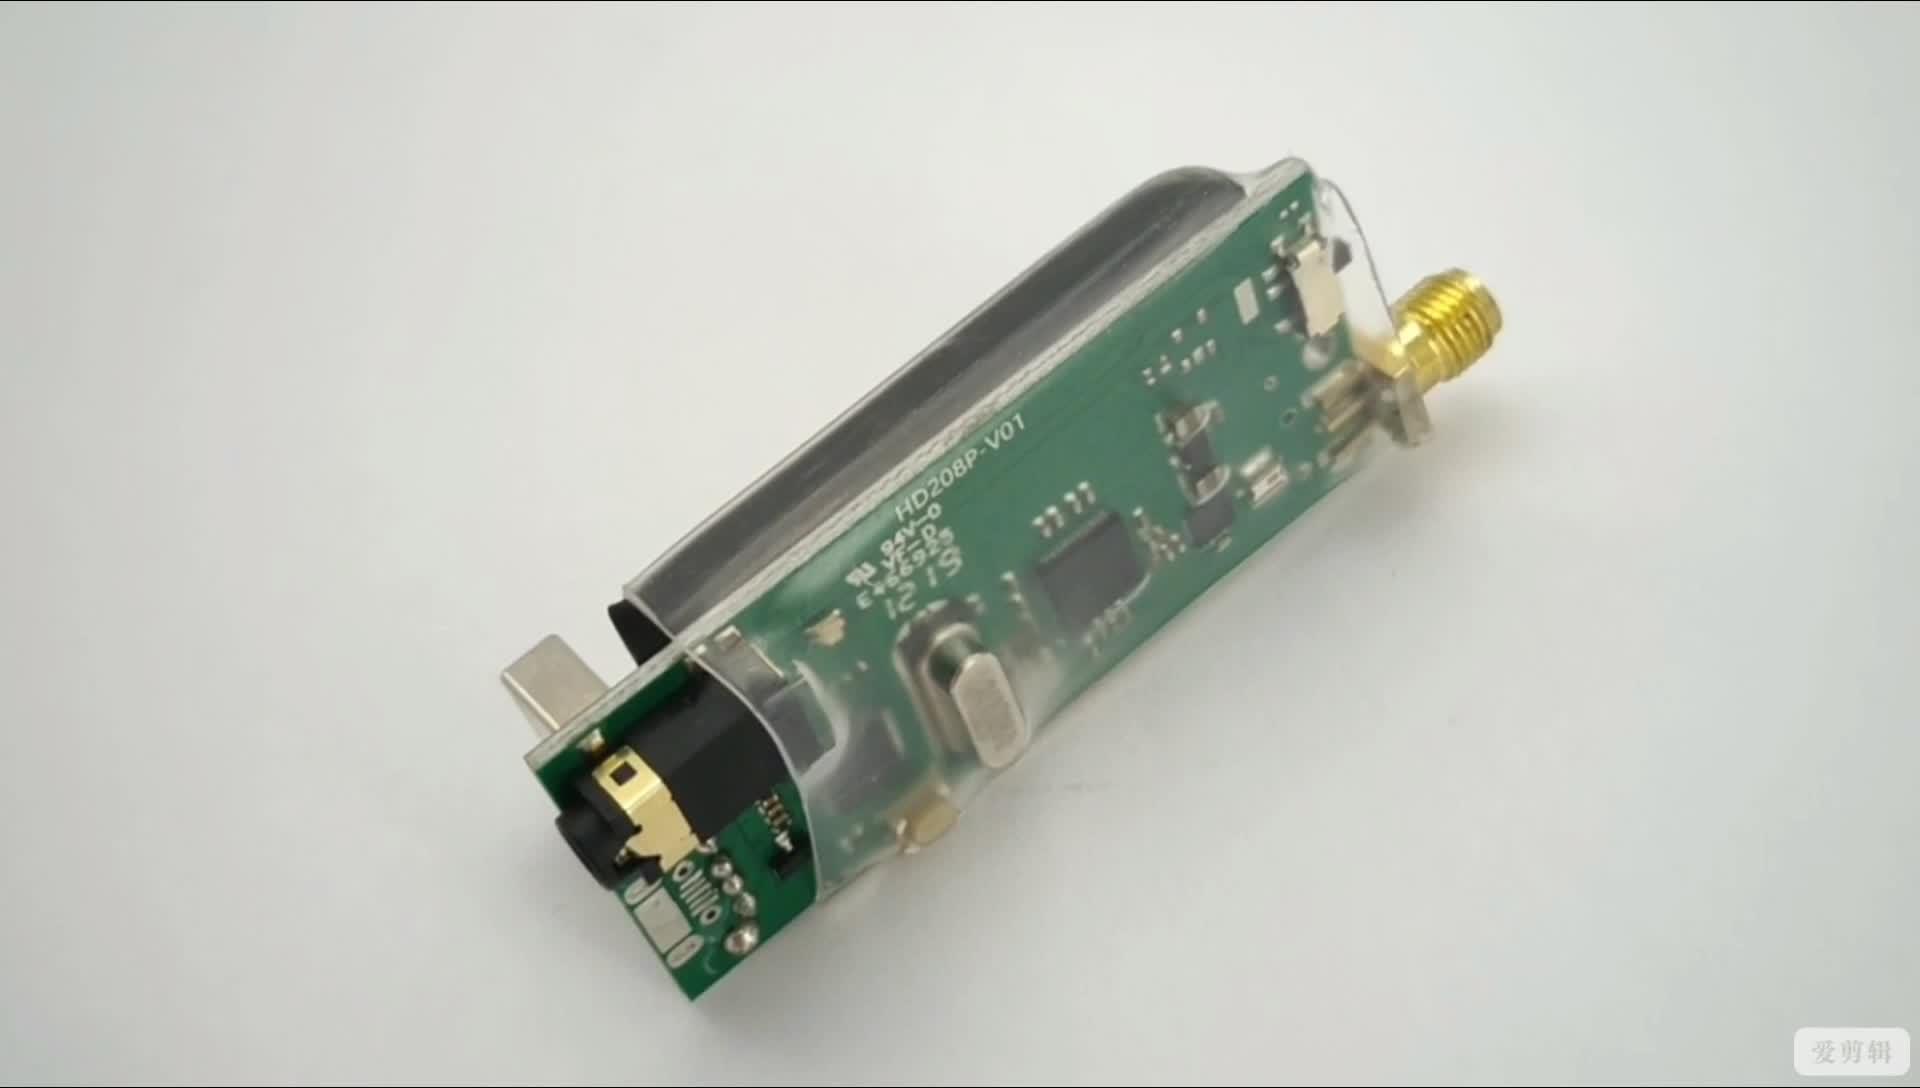 Wfly Tua Receiver Kompatibel dengan ET12 HD208P Frekuensi Tinggi Tuner Module